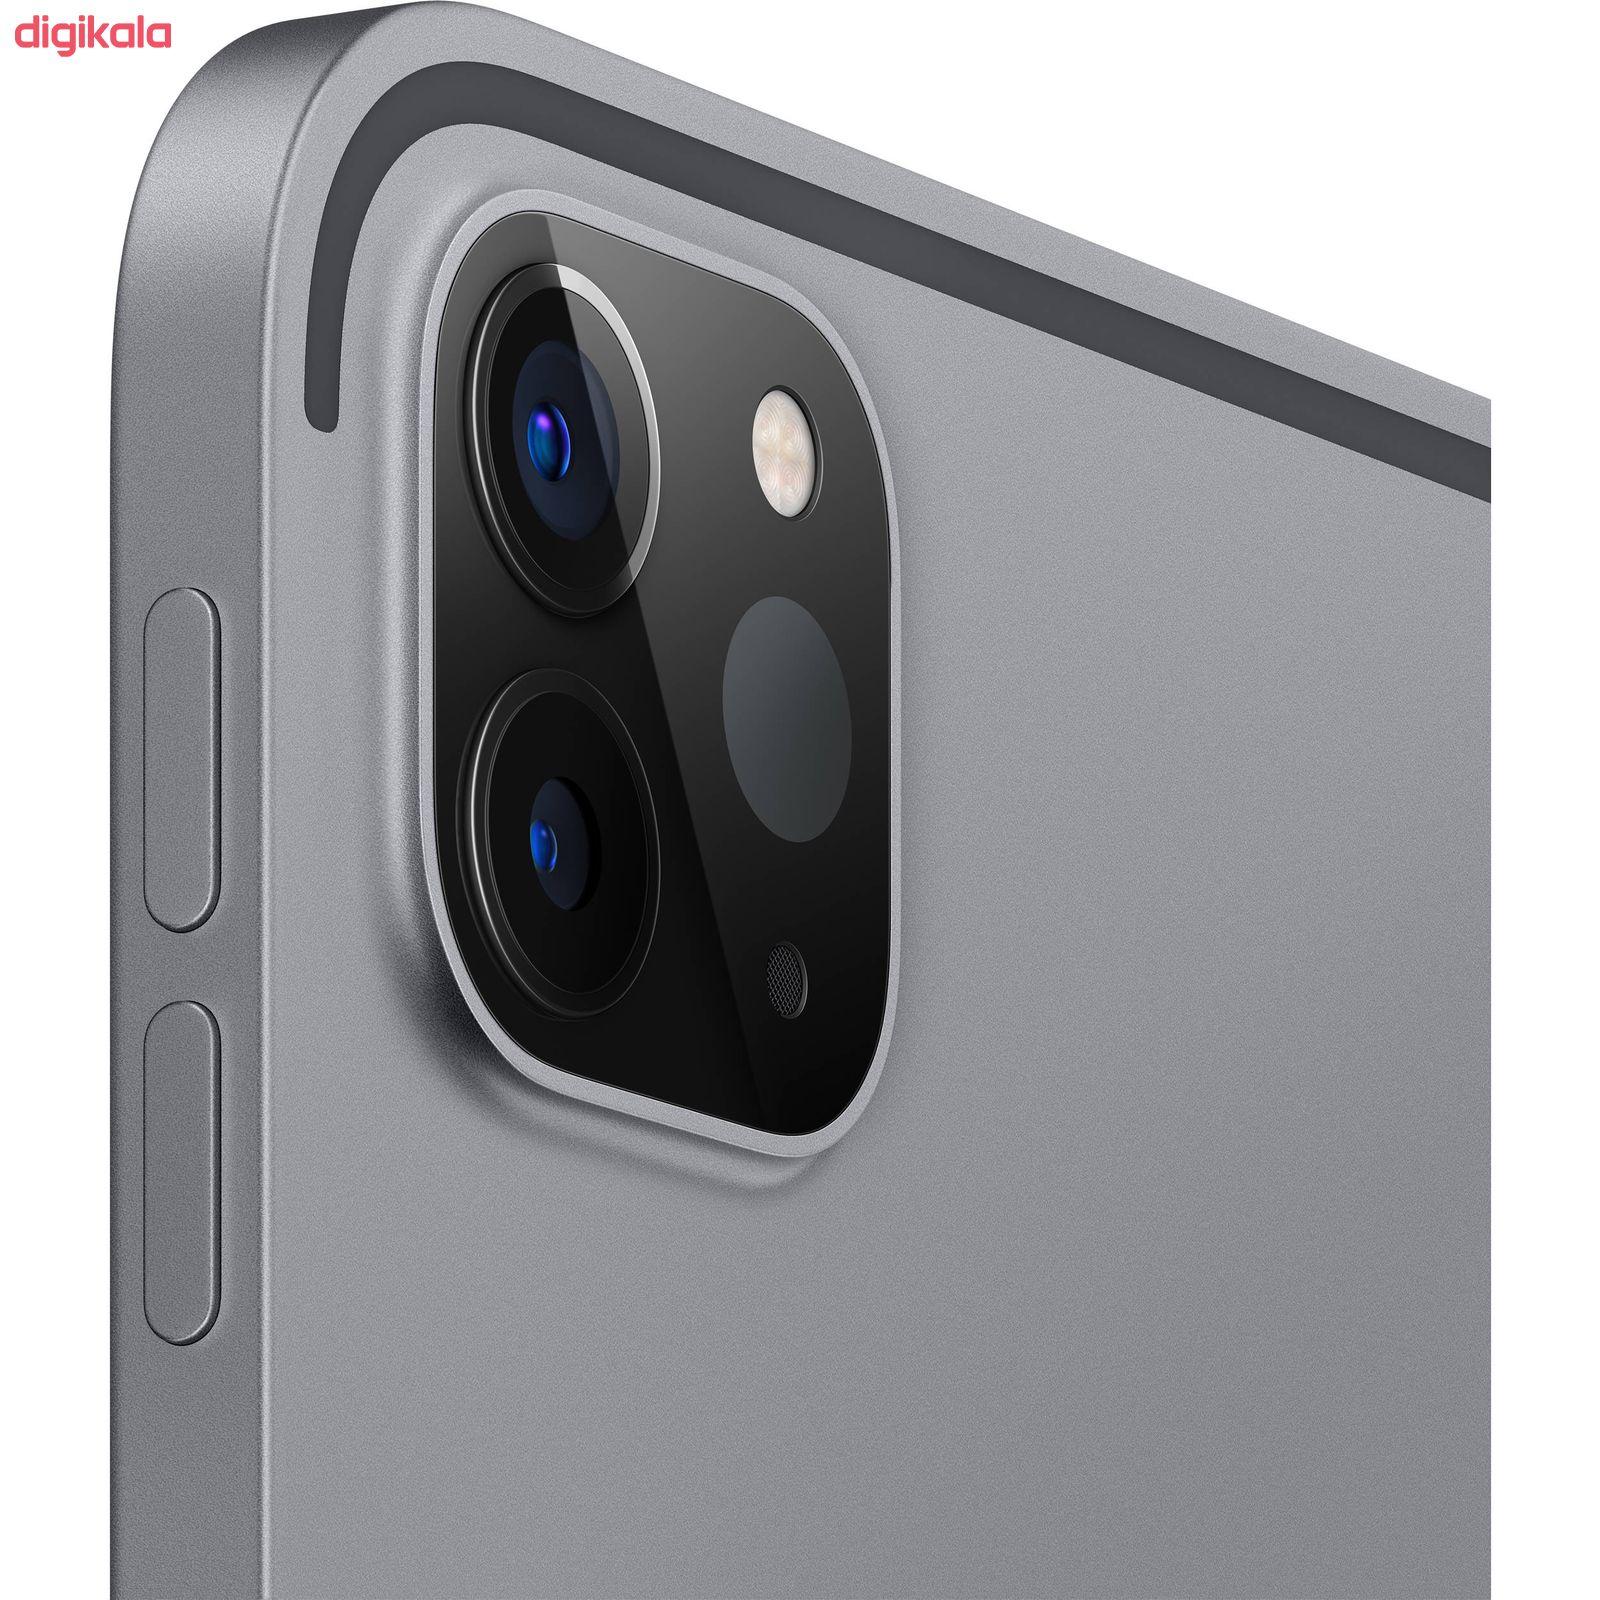 تبلت اپل مدل iPad Pro 11 inch 2020 WiFi ظرفیت 128 گیگابایت  main 1 4